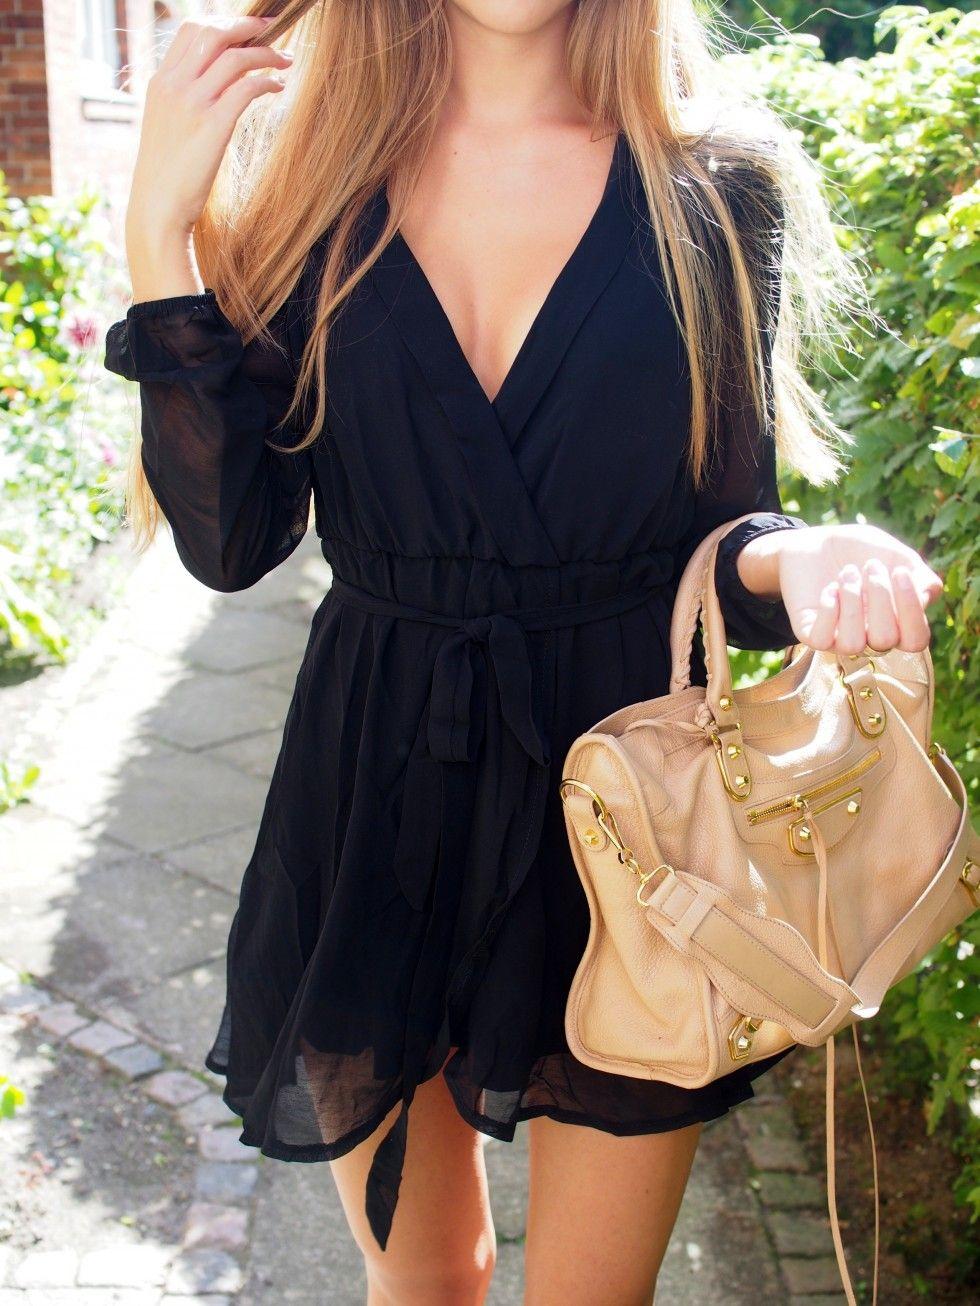 Black wrap dress fashion love pinterest